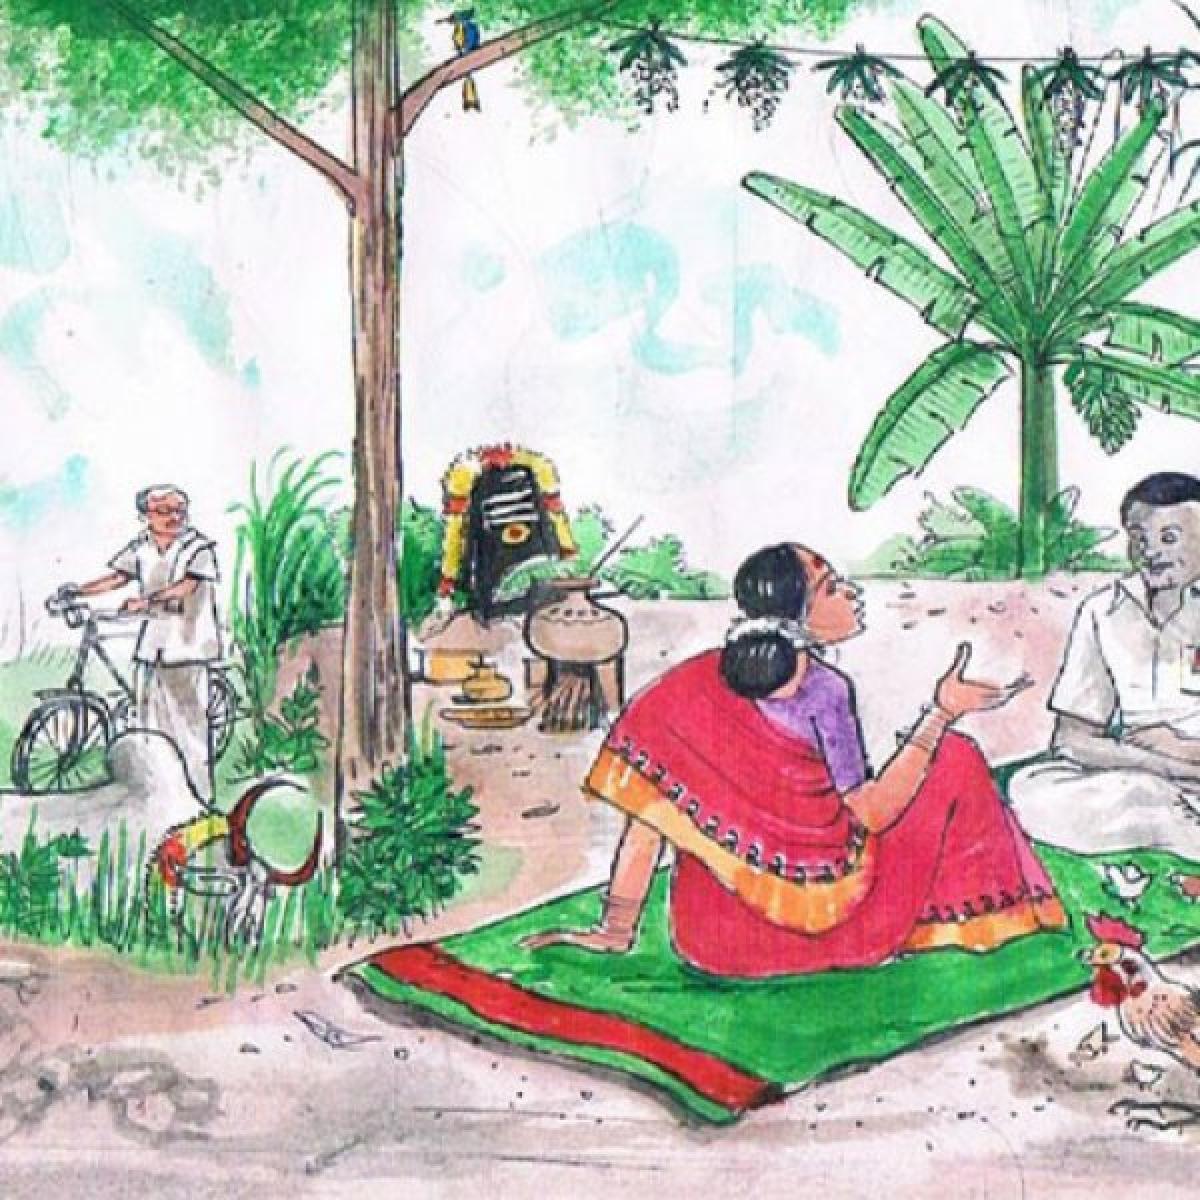 மரத்தடி மாநாடு: பட்டு விவசாயிகளுக்குப்  பரிசுத் திட்டம்!